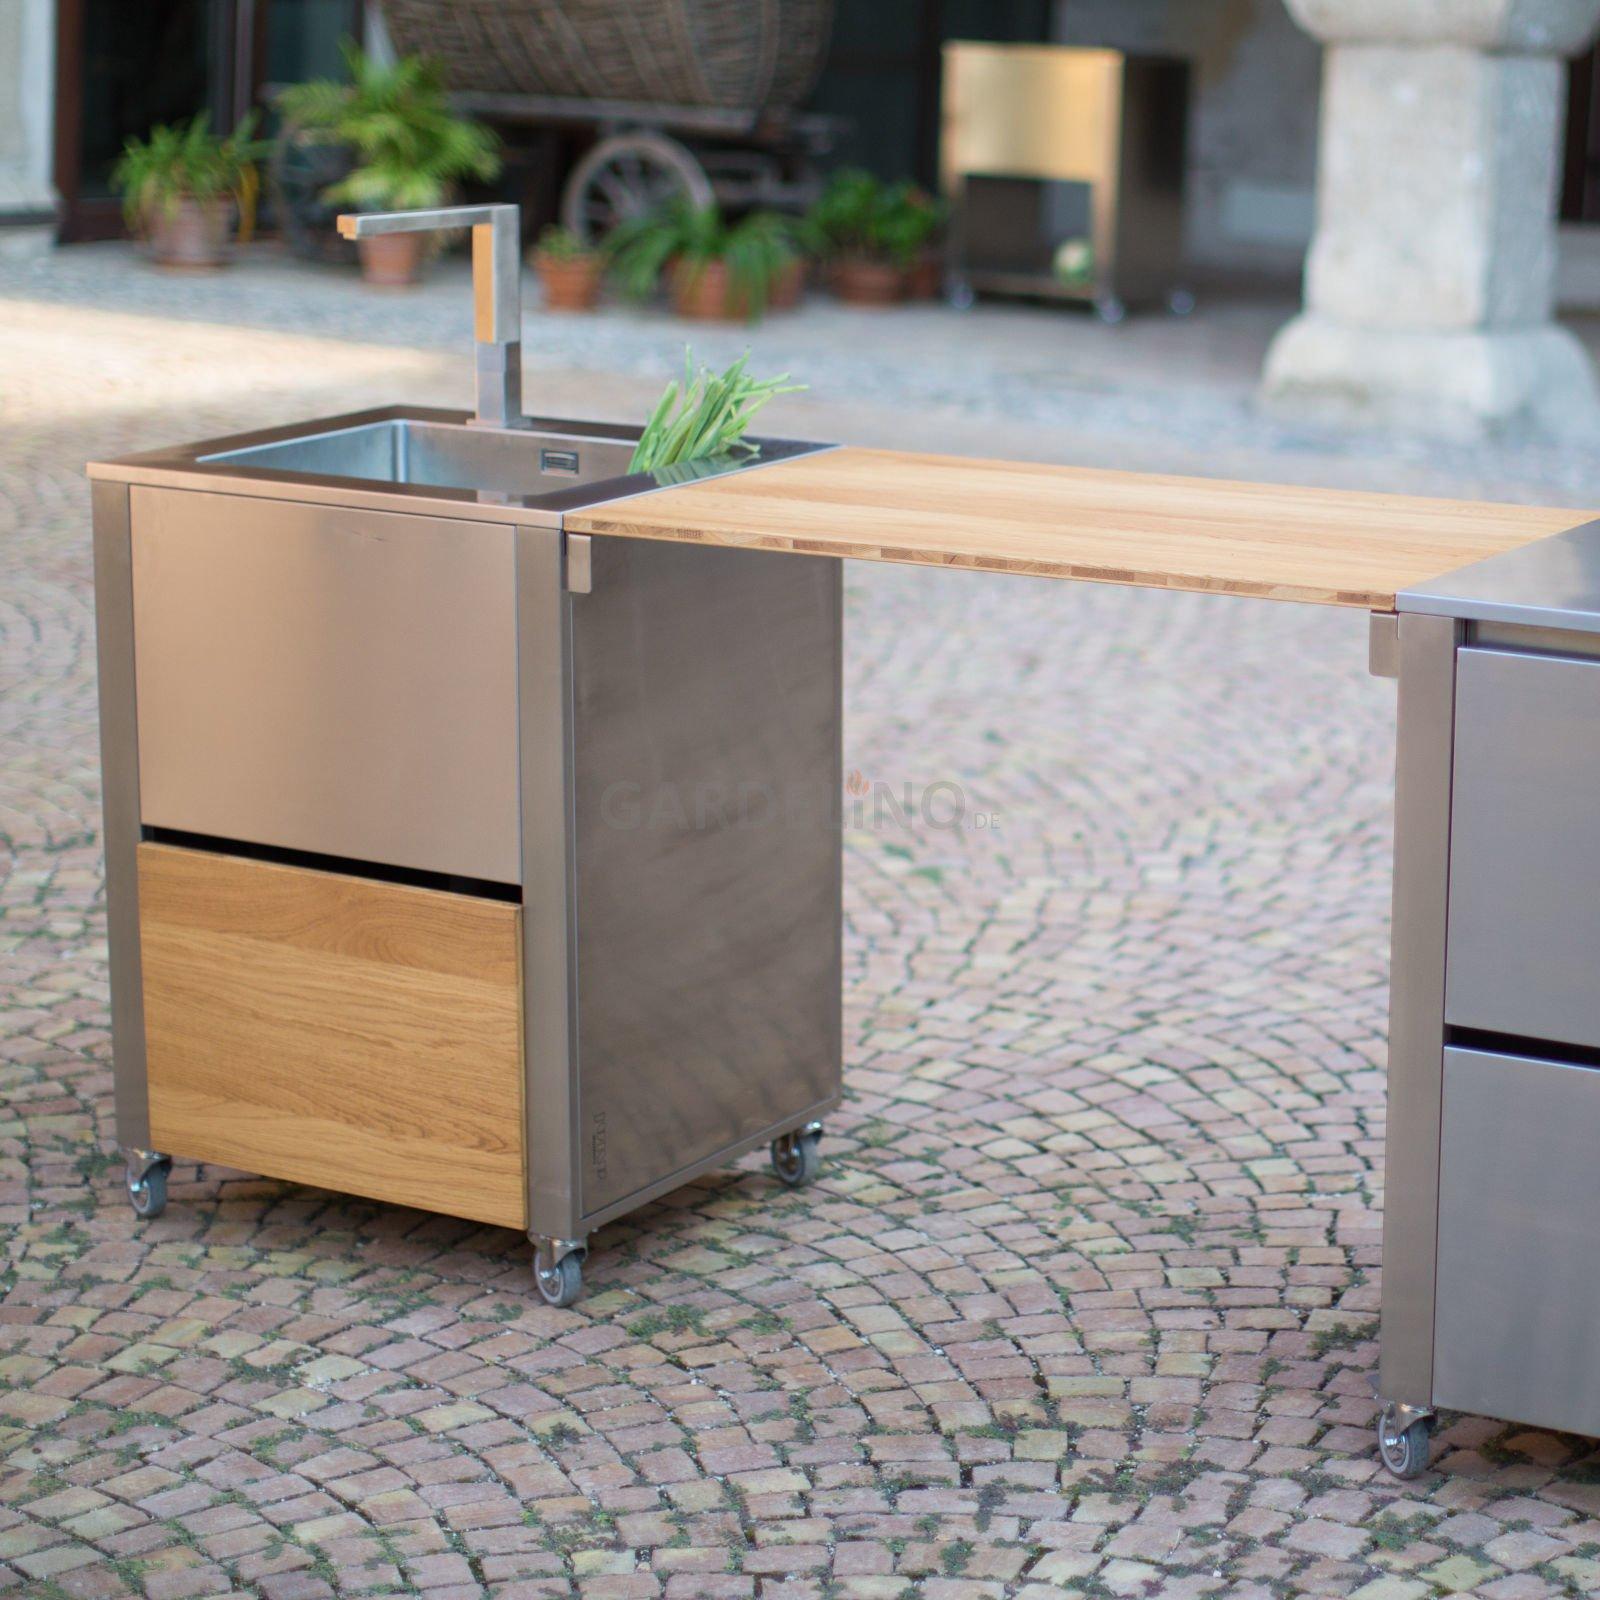 Full Size of Mobile Outdoorkche Cun Von Jokodomus System Küche Wohnzimmer Mobile Outdoorküche